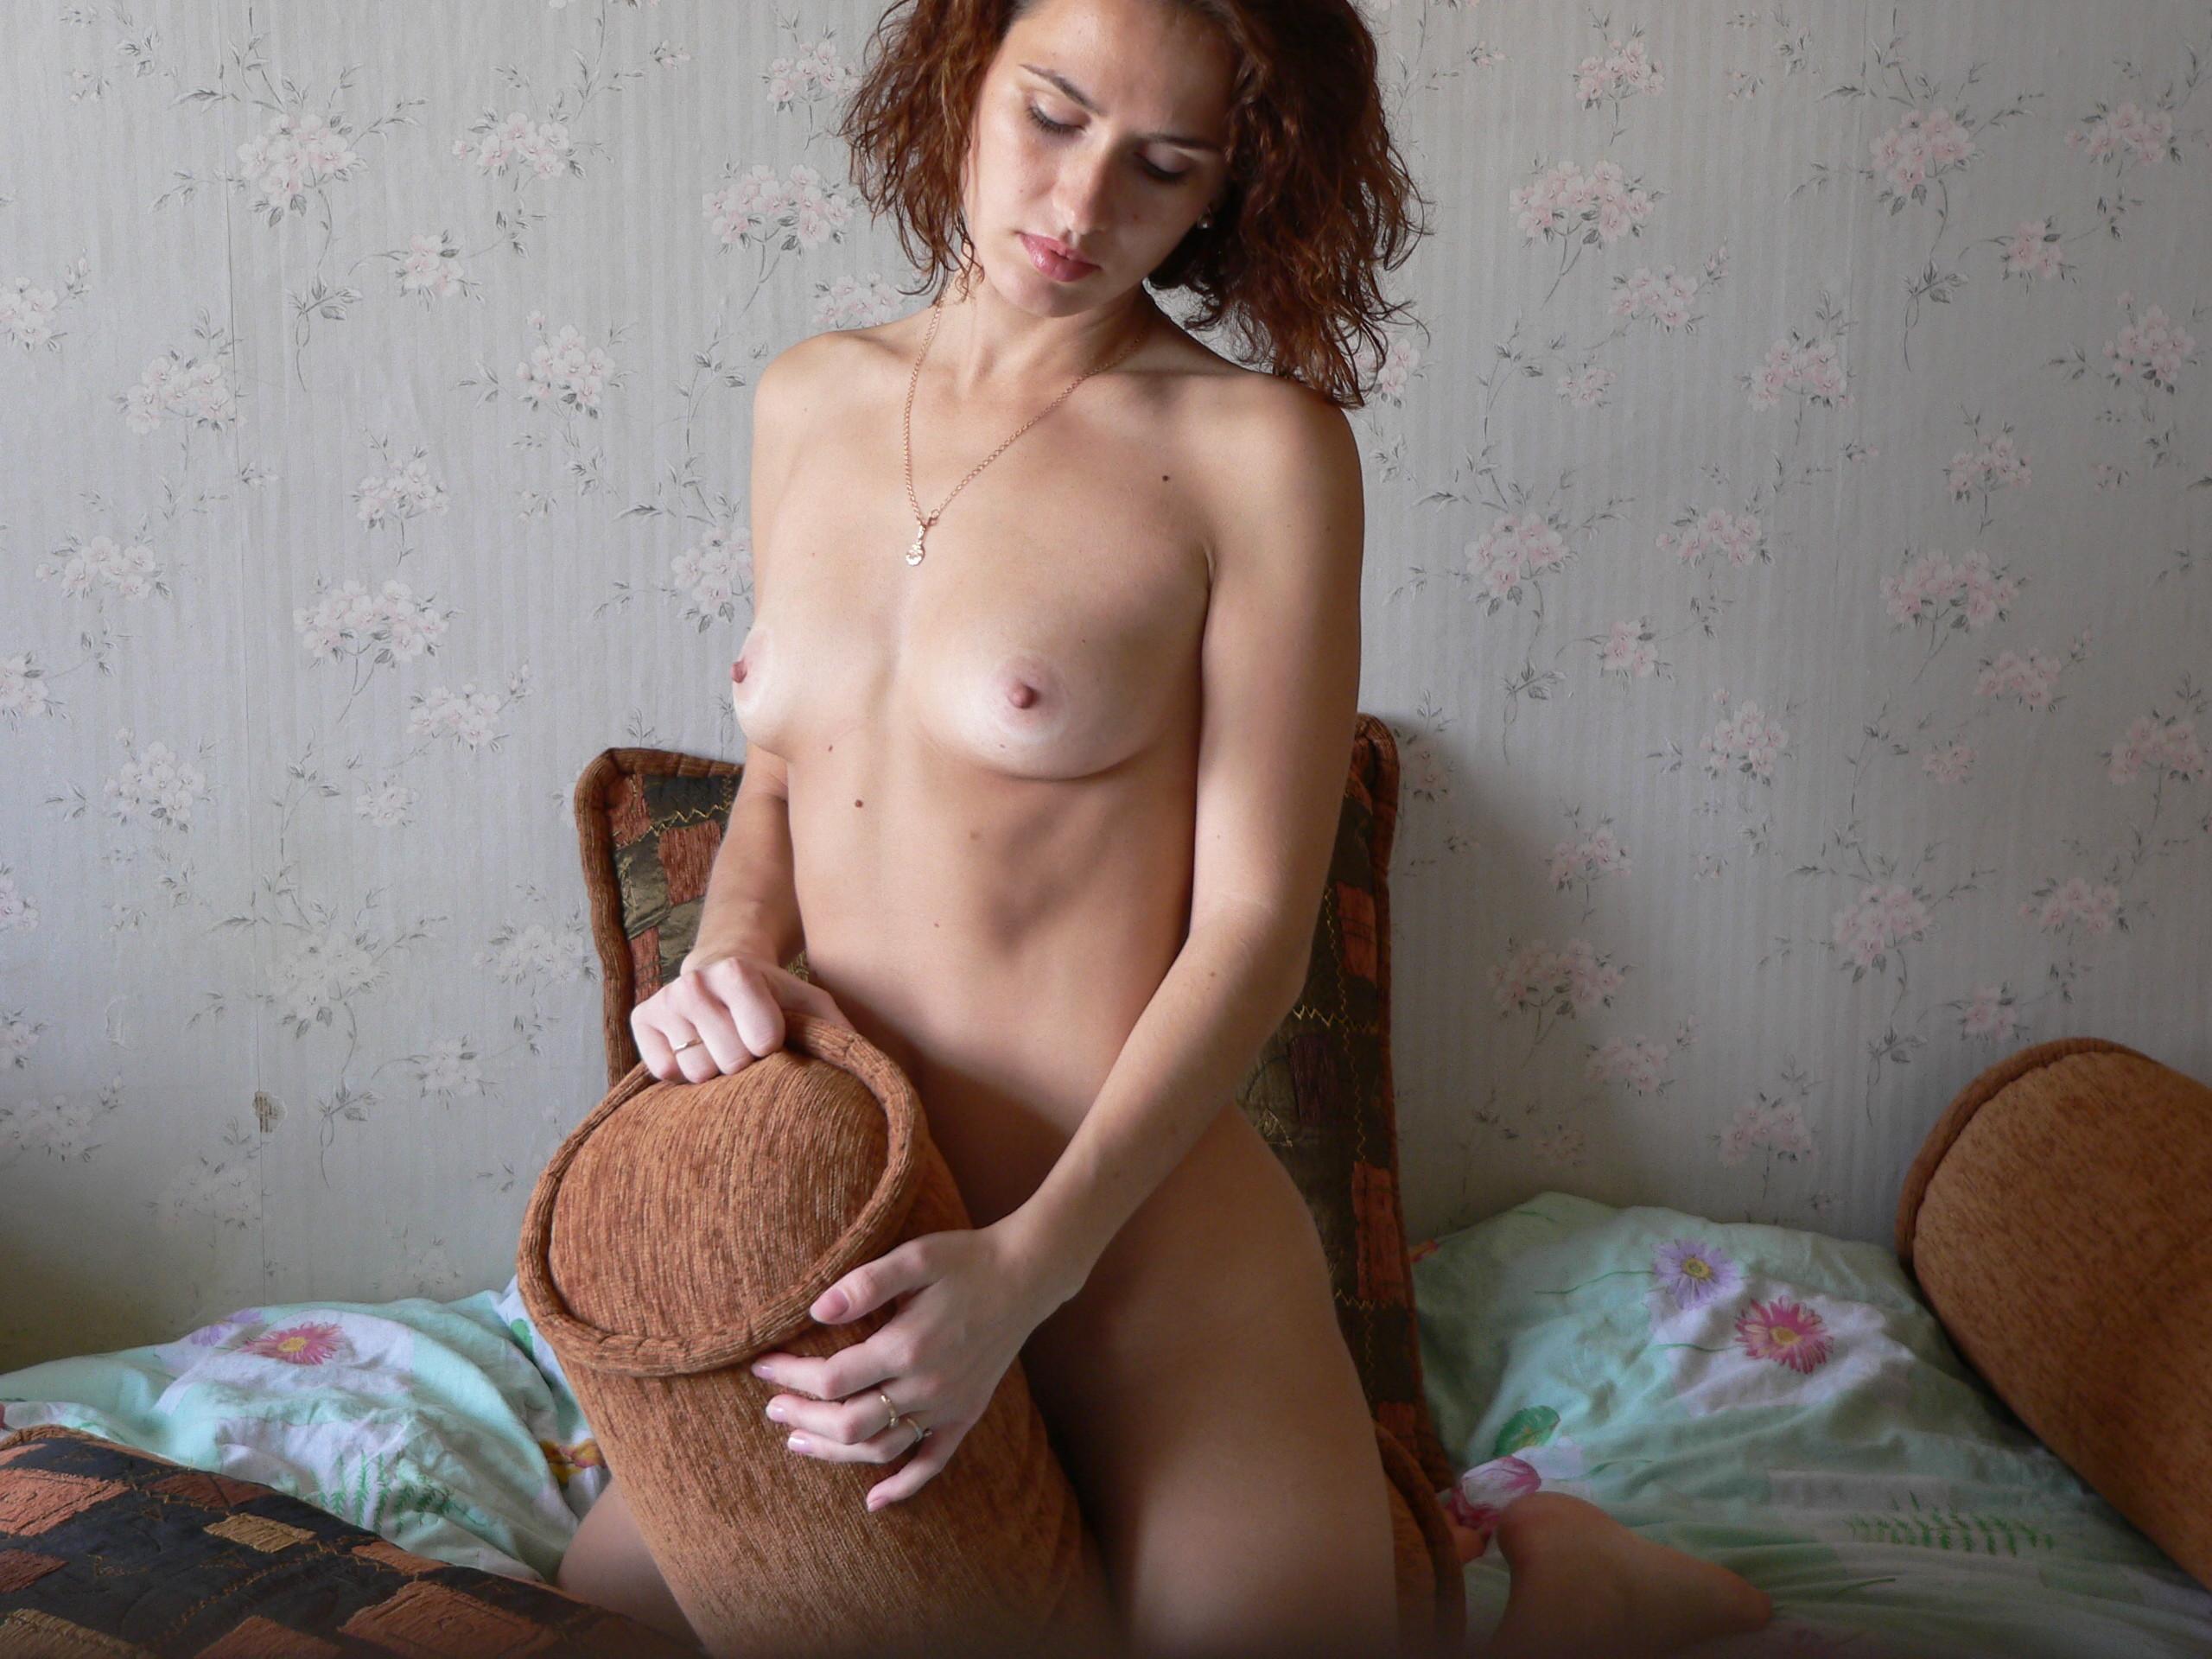 Сиськи и пизда простой, стройной русской женщины